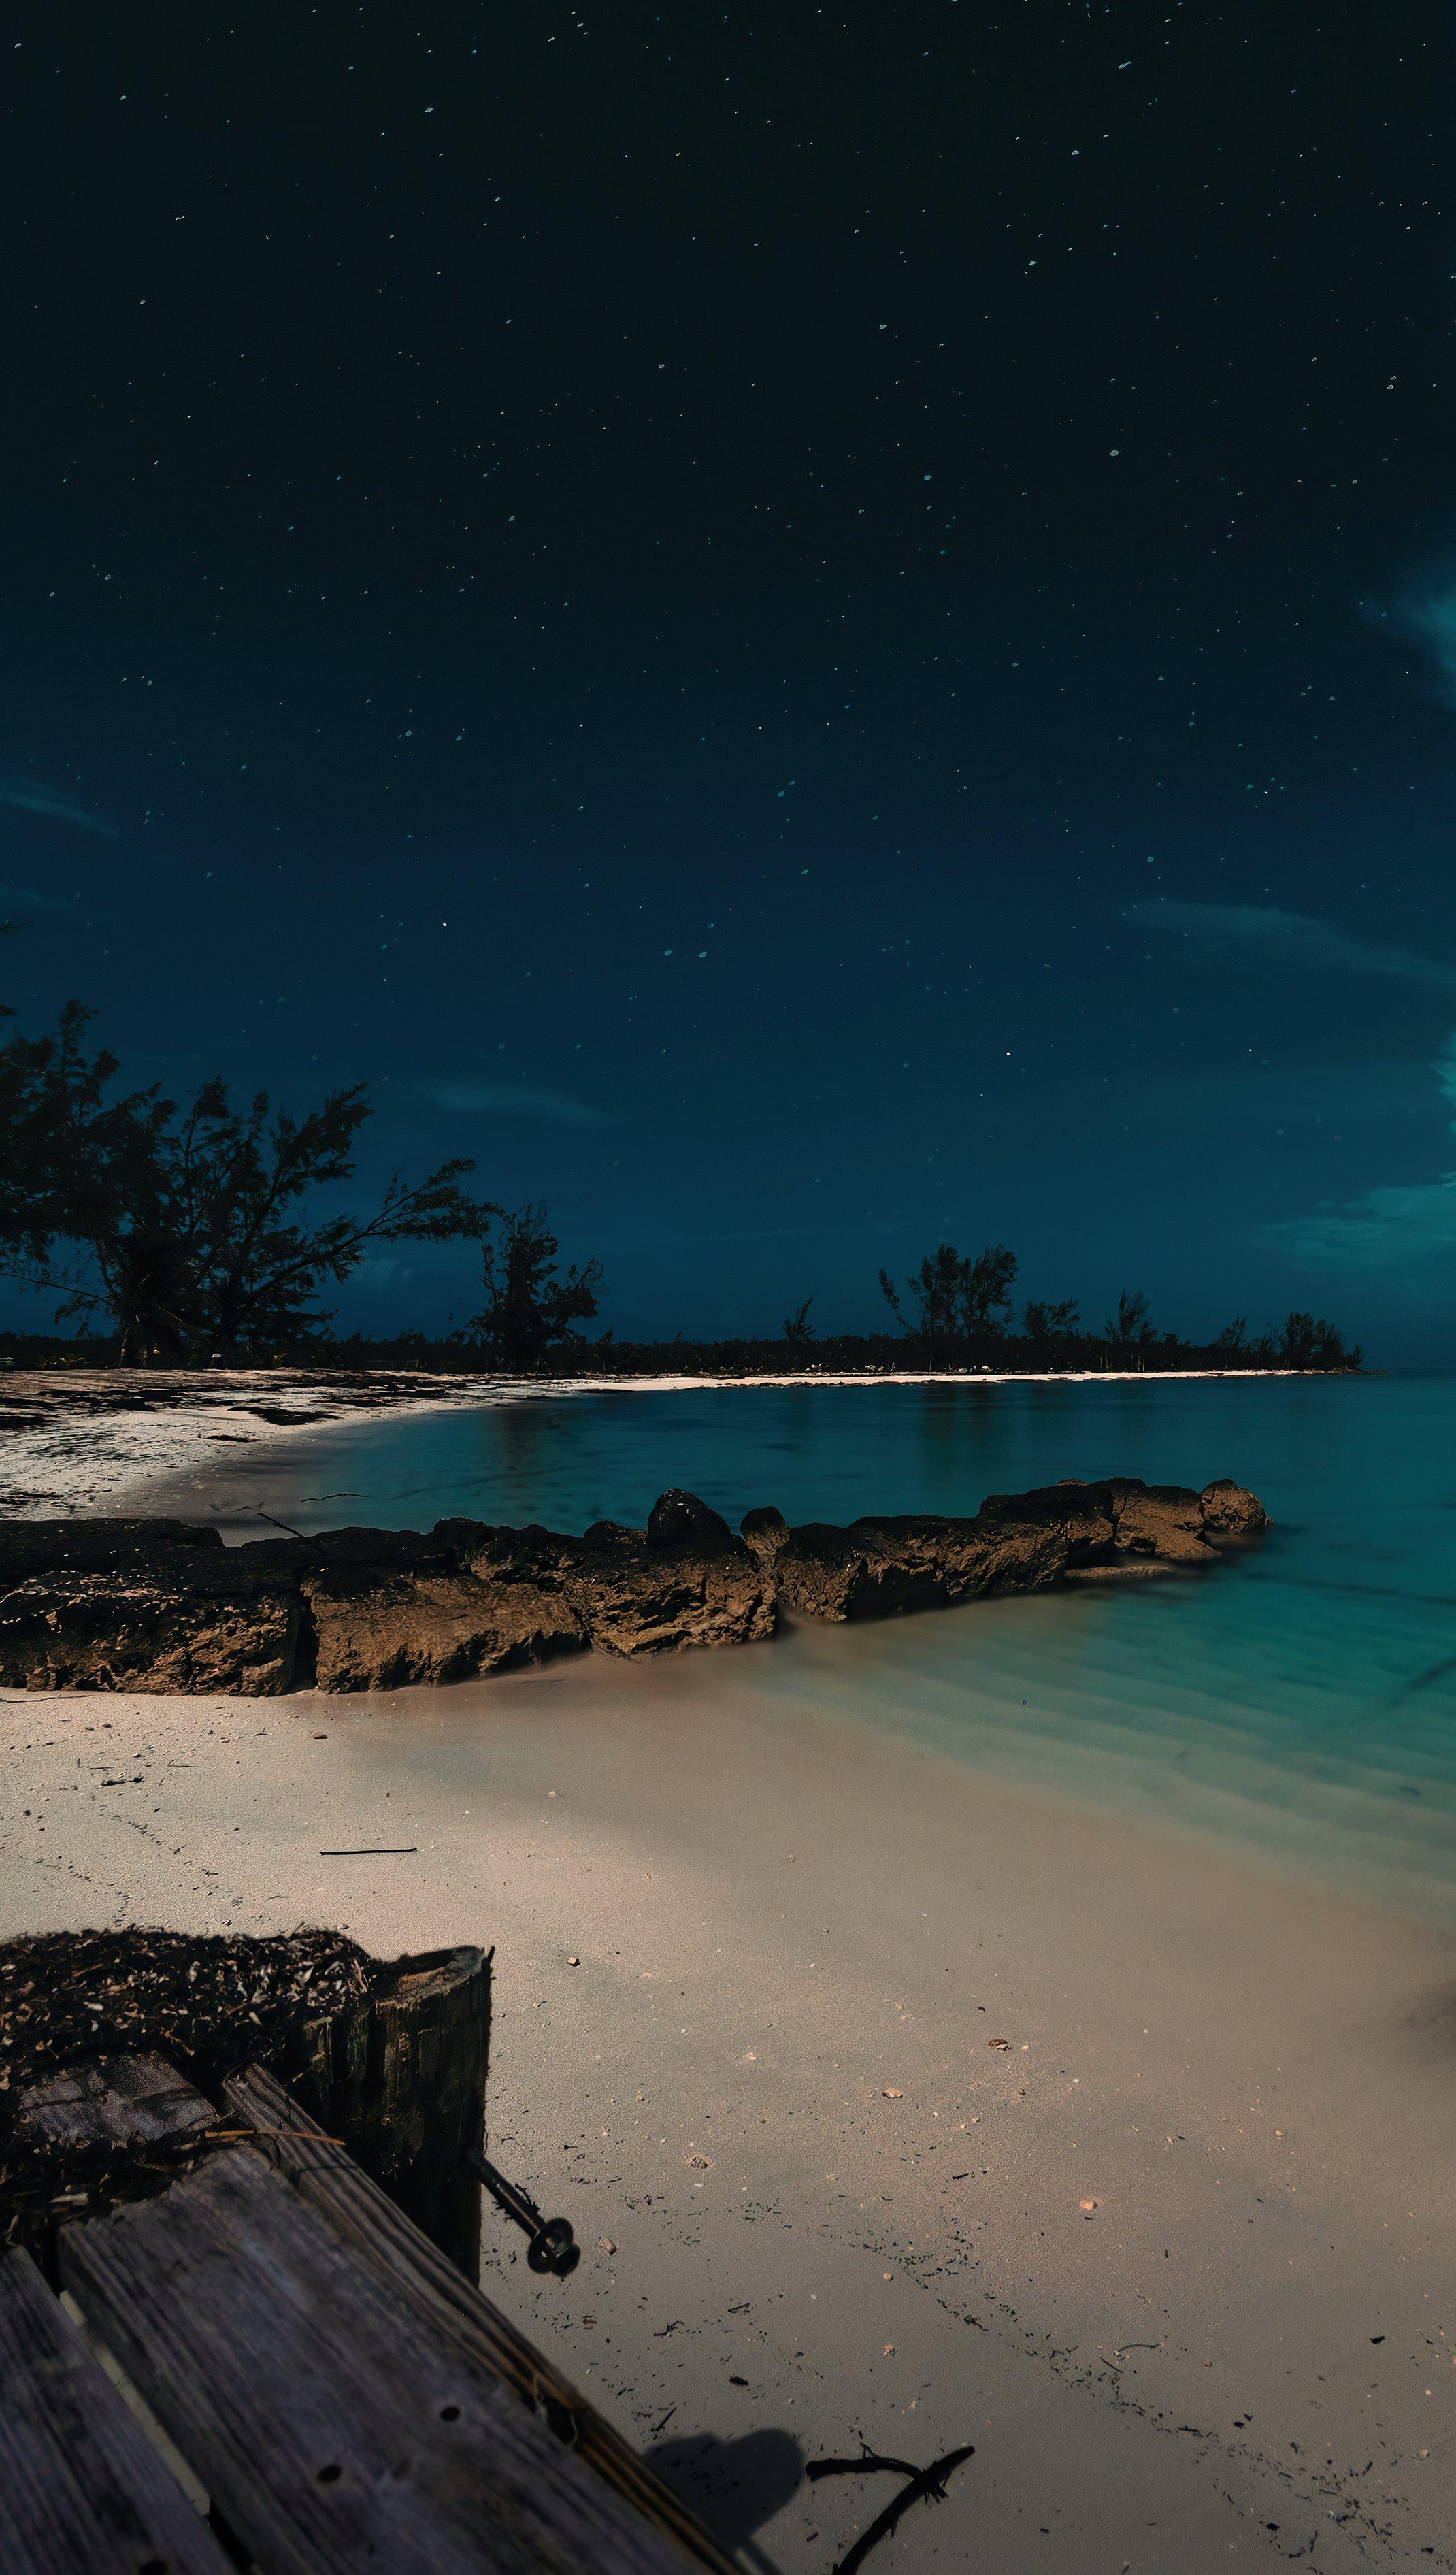 Fondos de pantalla Playa nocturna en las Bahamas Vertical